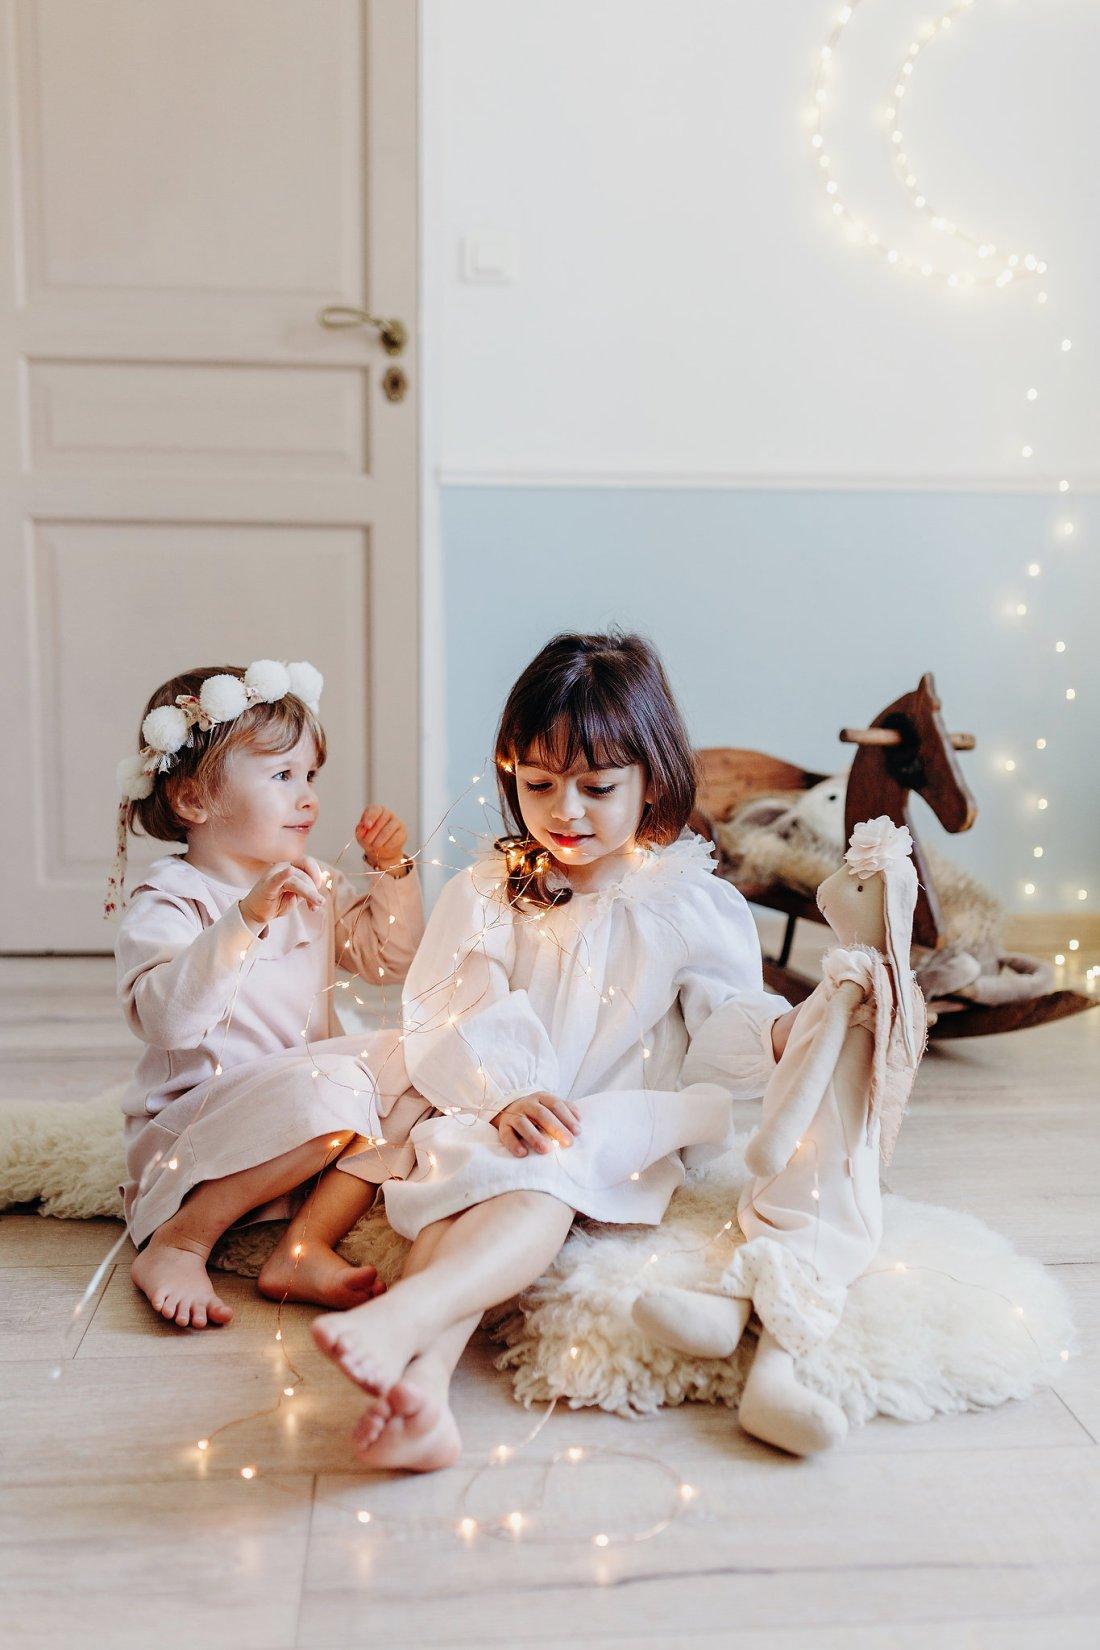 Kids etc, le festival pour toute la famille - Fairy Christmas - Blog famille Sunday Grenadine